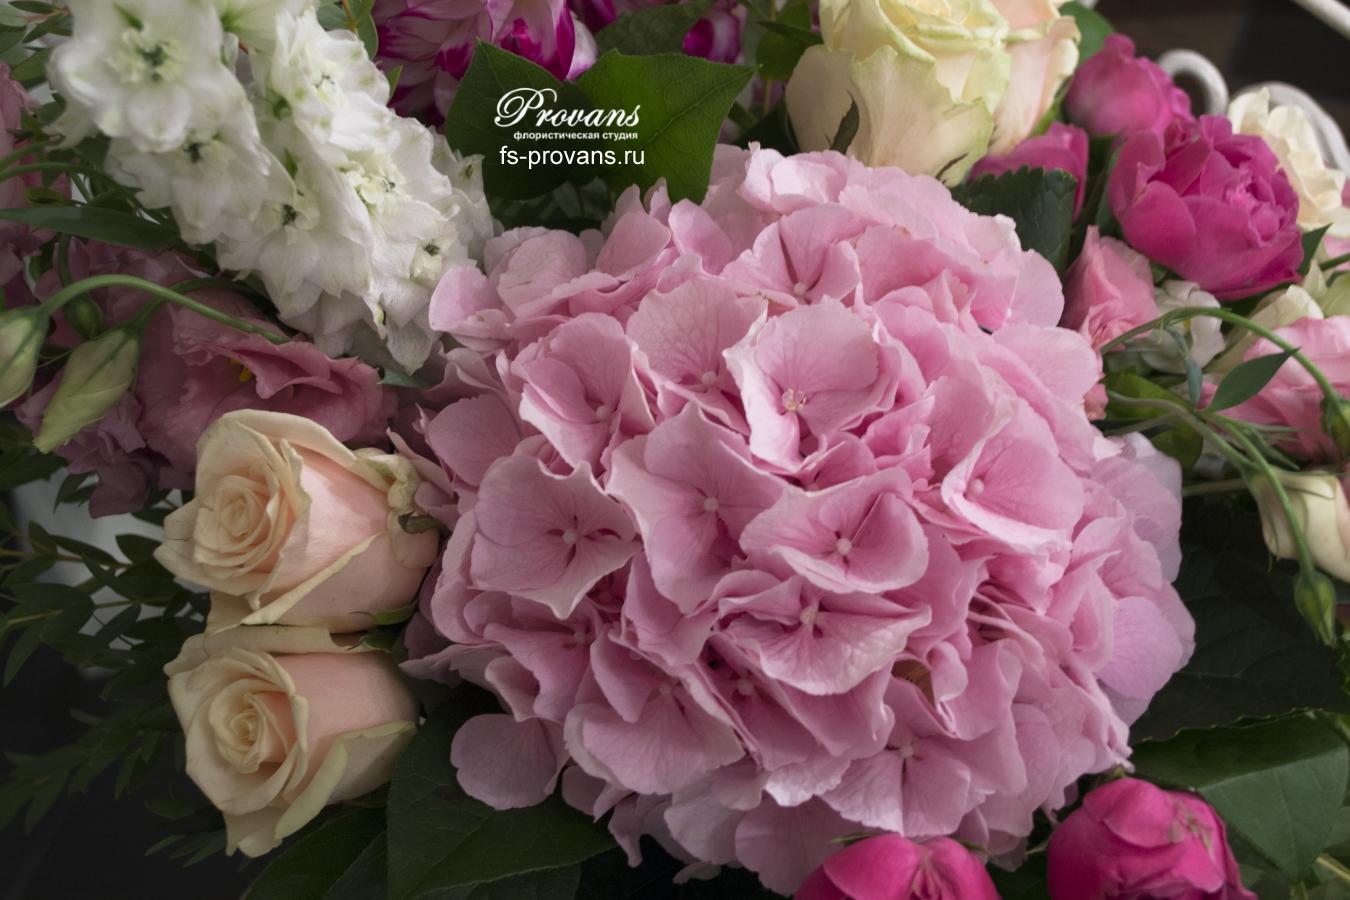 Воздушный букет на юбилей. Гортензия, пионовидные розы, дельфиниум, георгины